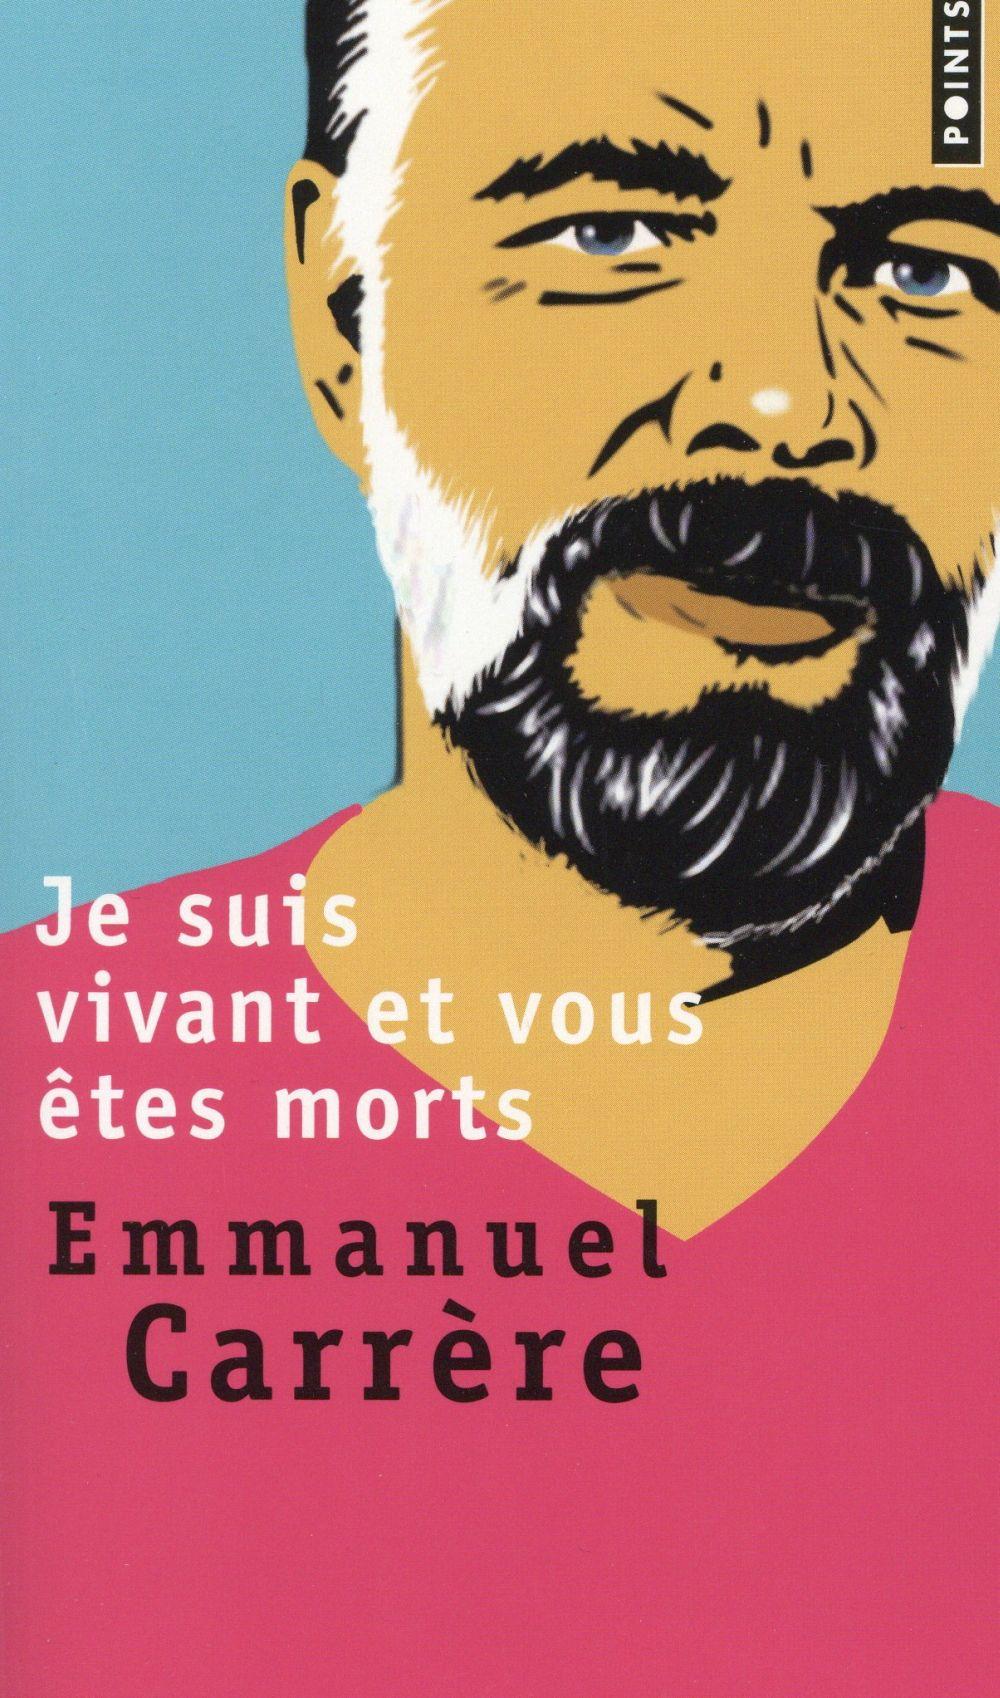 JE SUIS VIVANT ET VOUS ETES MORTS Carrère Emmanuel Points